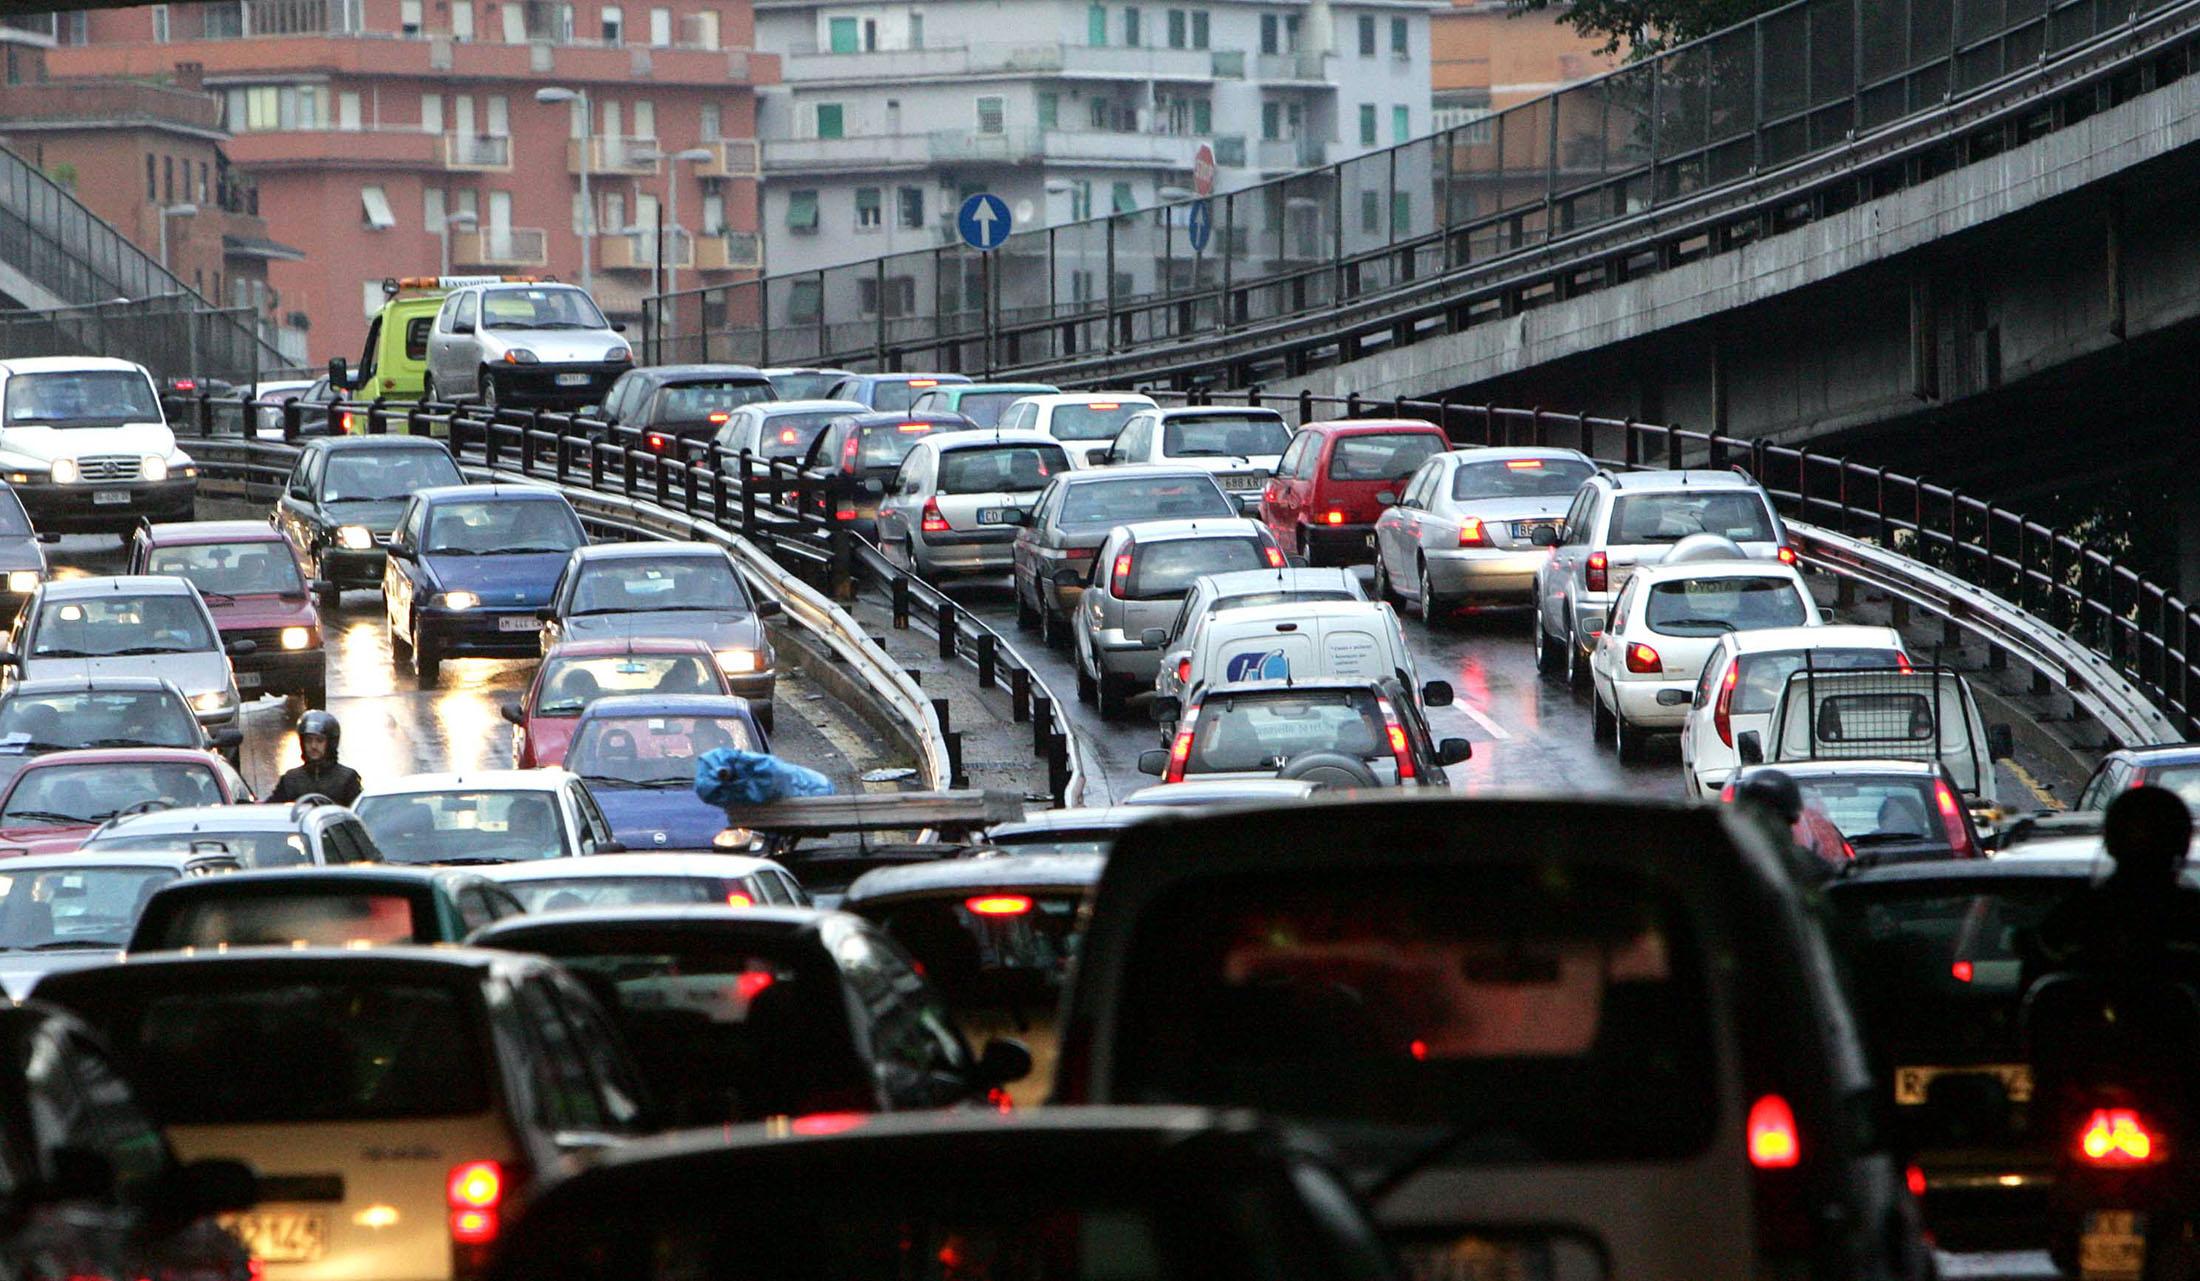 Blocco traffico Roma 18, 19, 20 gennaio 2019: stop ai veicoli più inquinanti